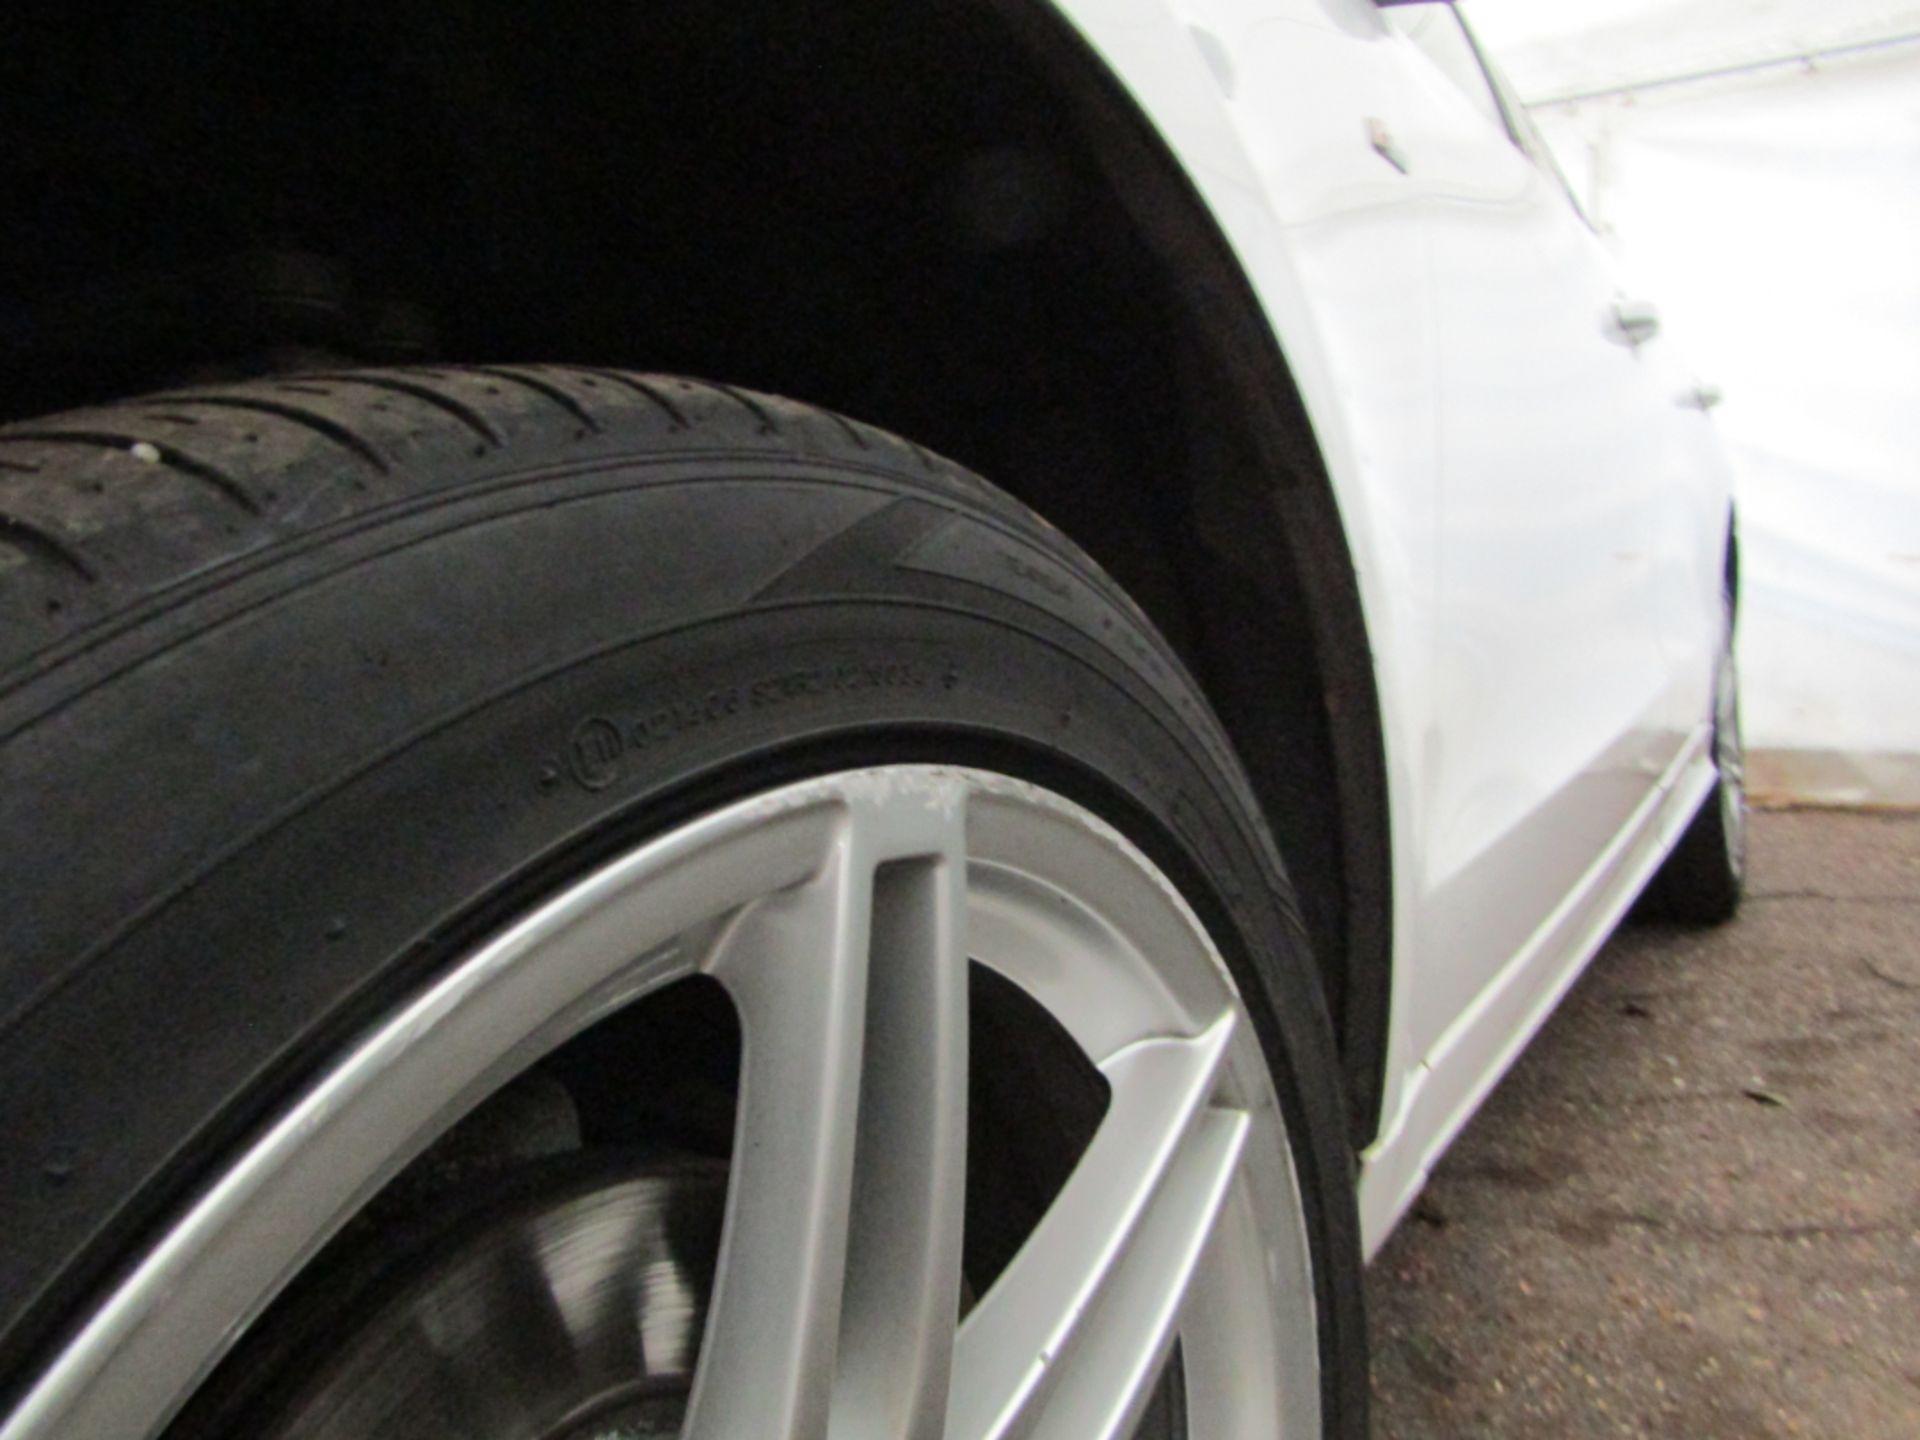 09 09 Audi Q5 S Line TFSI Quattro - Image 16 of 17